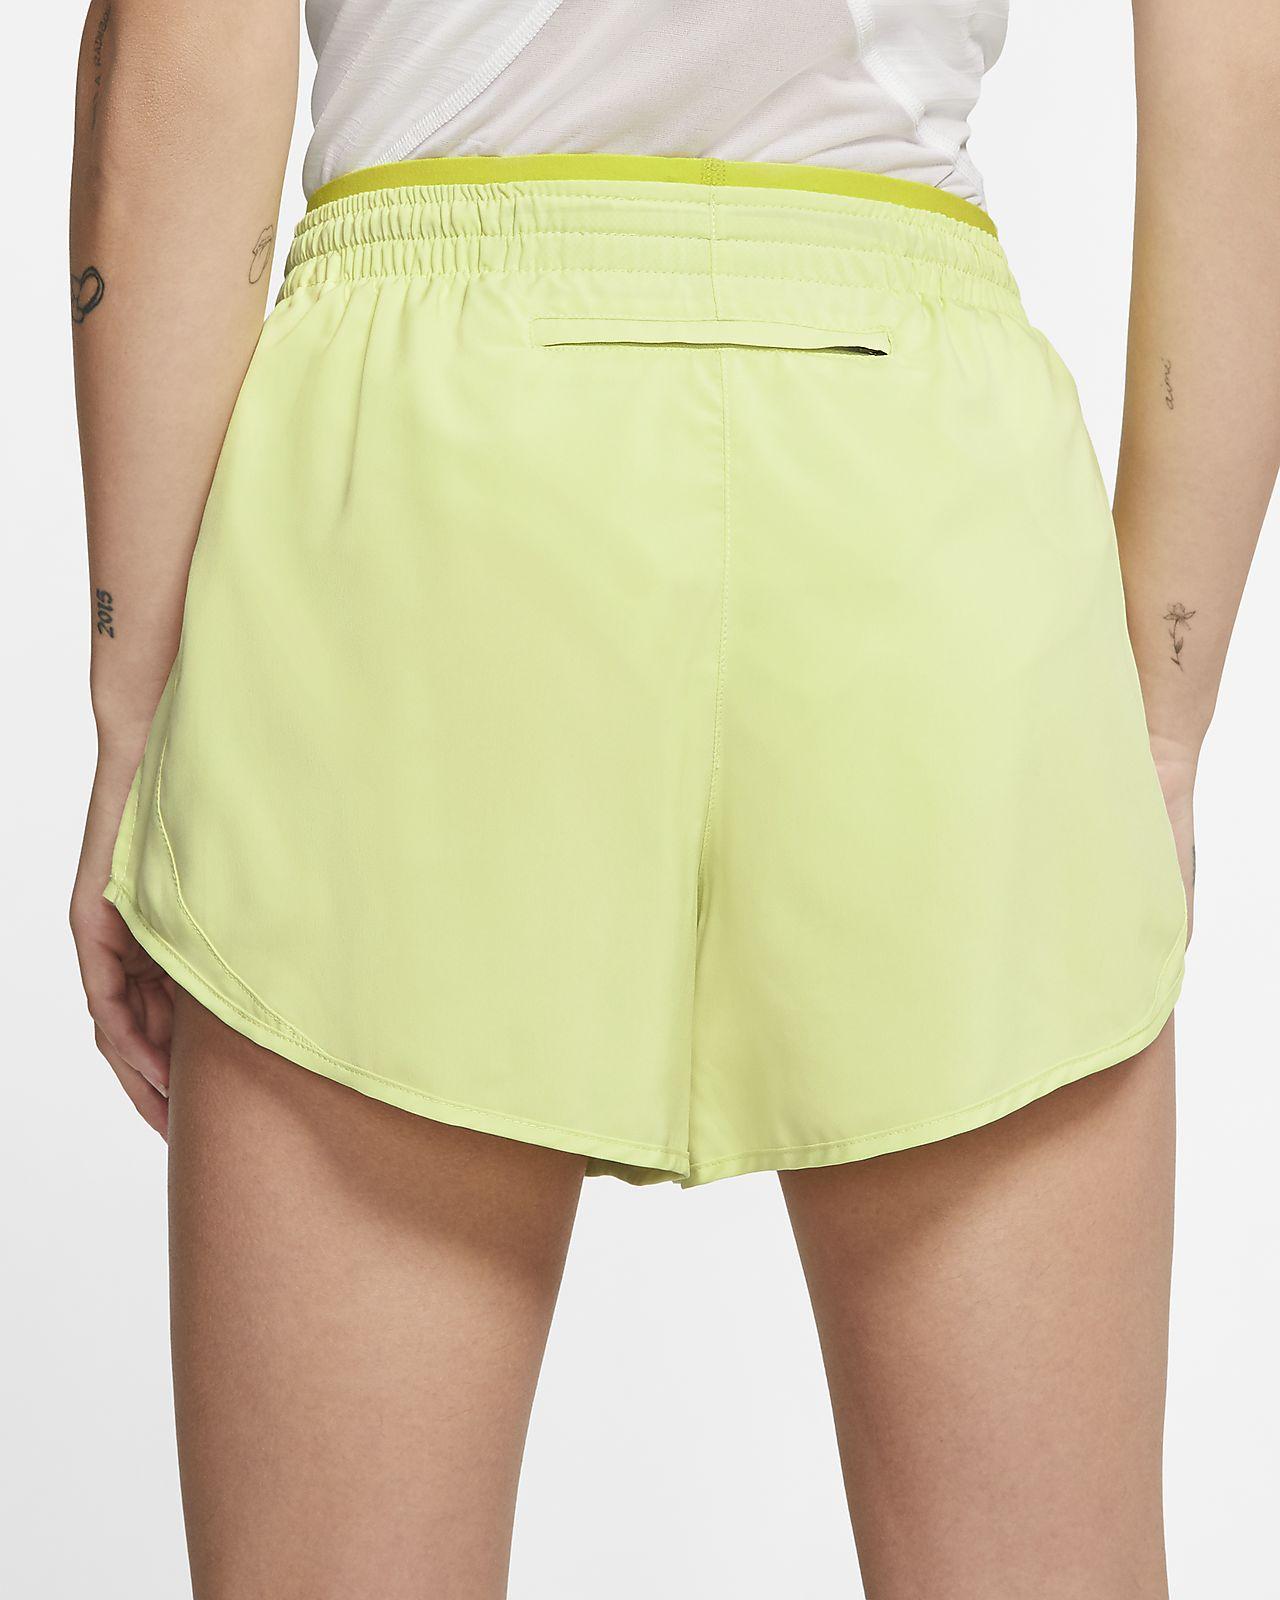 Nike Tempo White Women's 3 inch Running Shorts